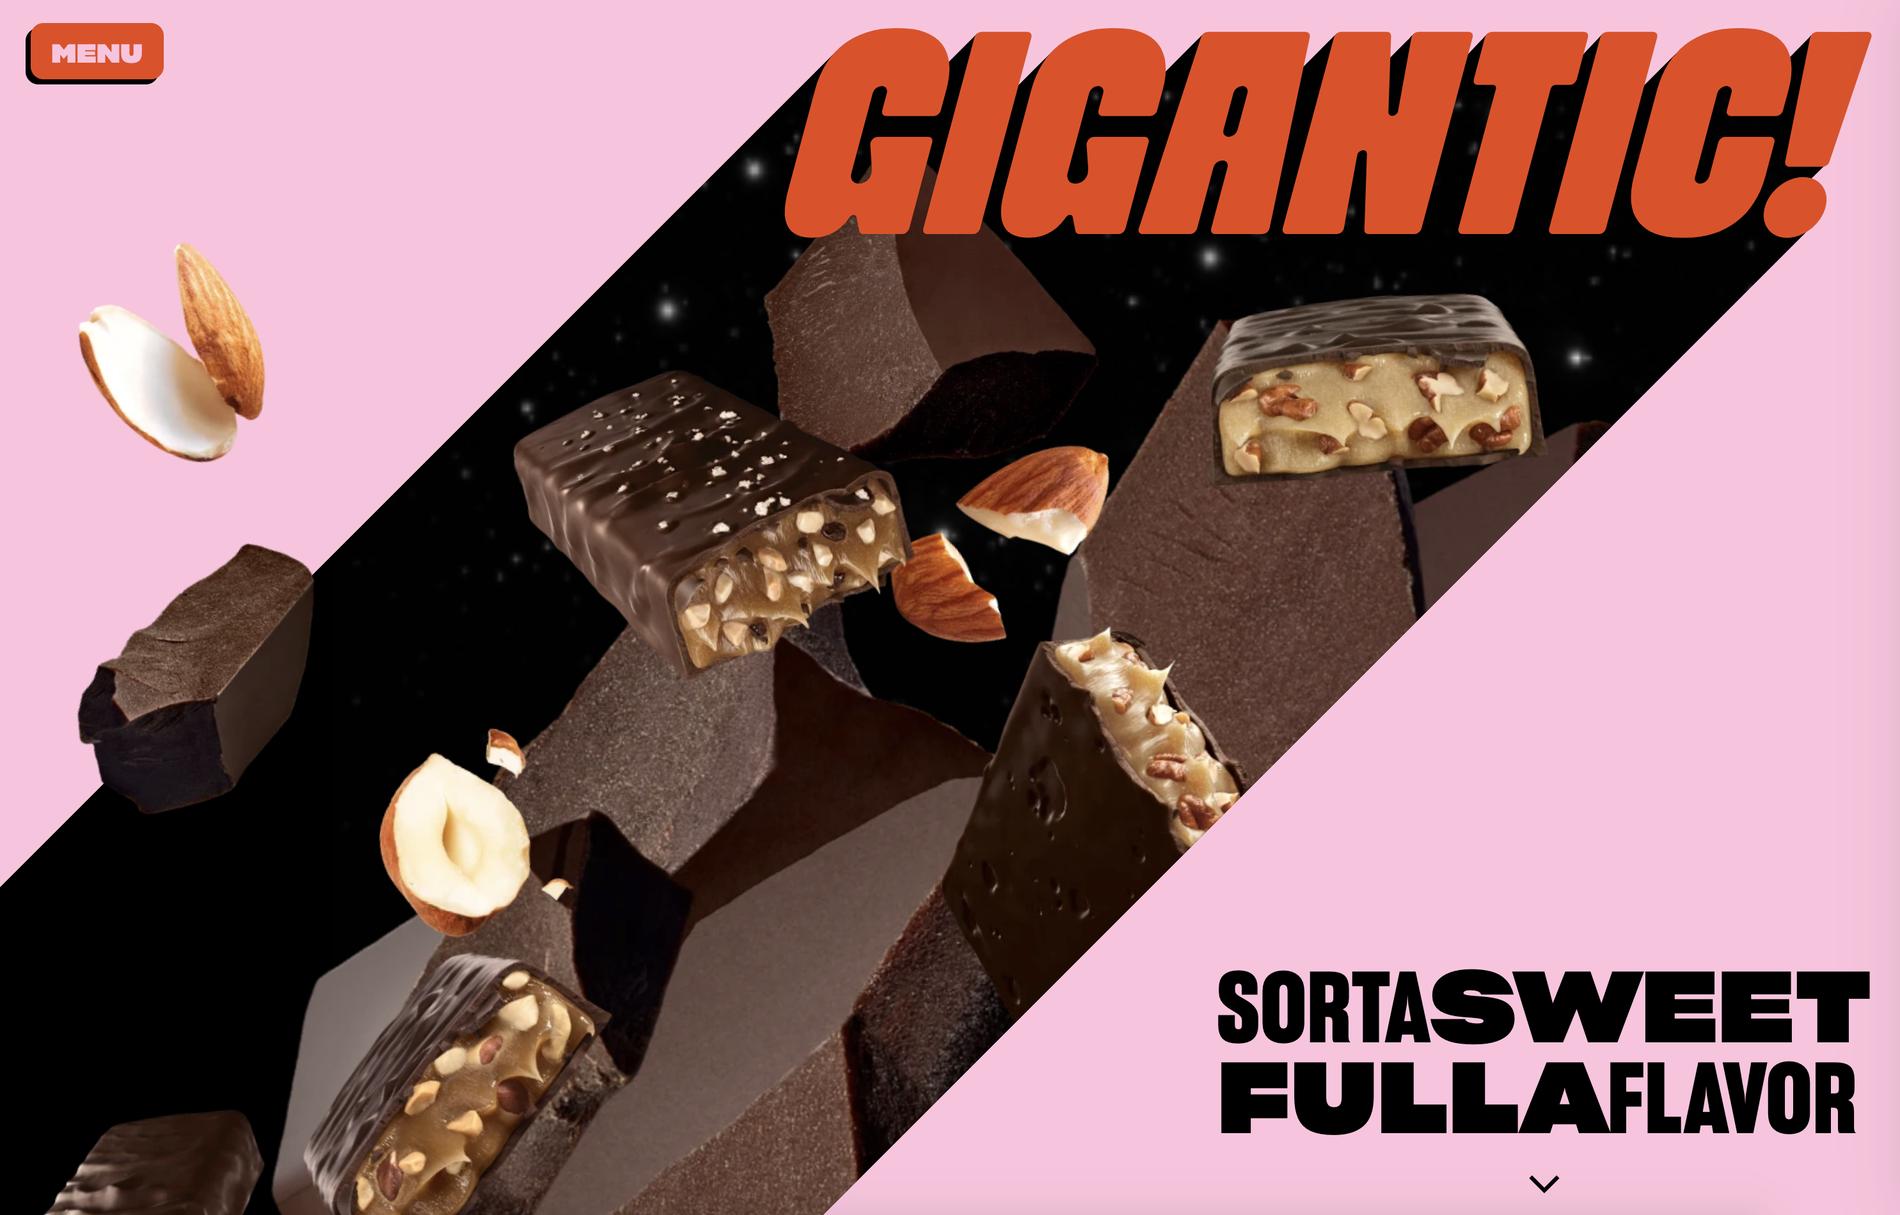 SharpGrotesk-GiganticCandy-8.png